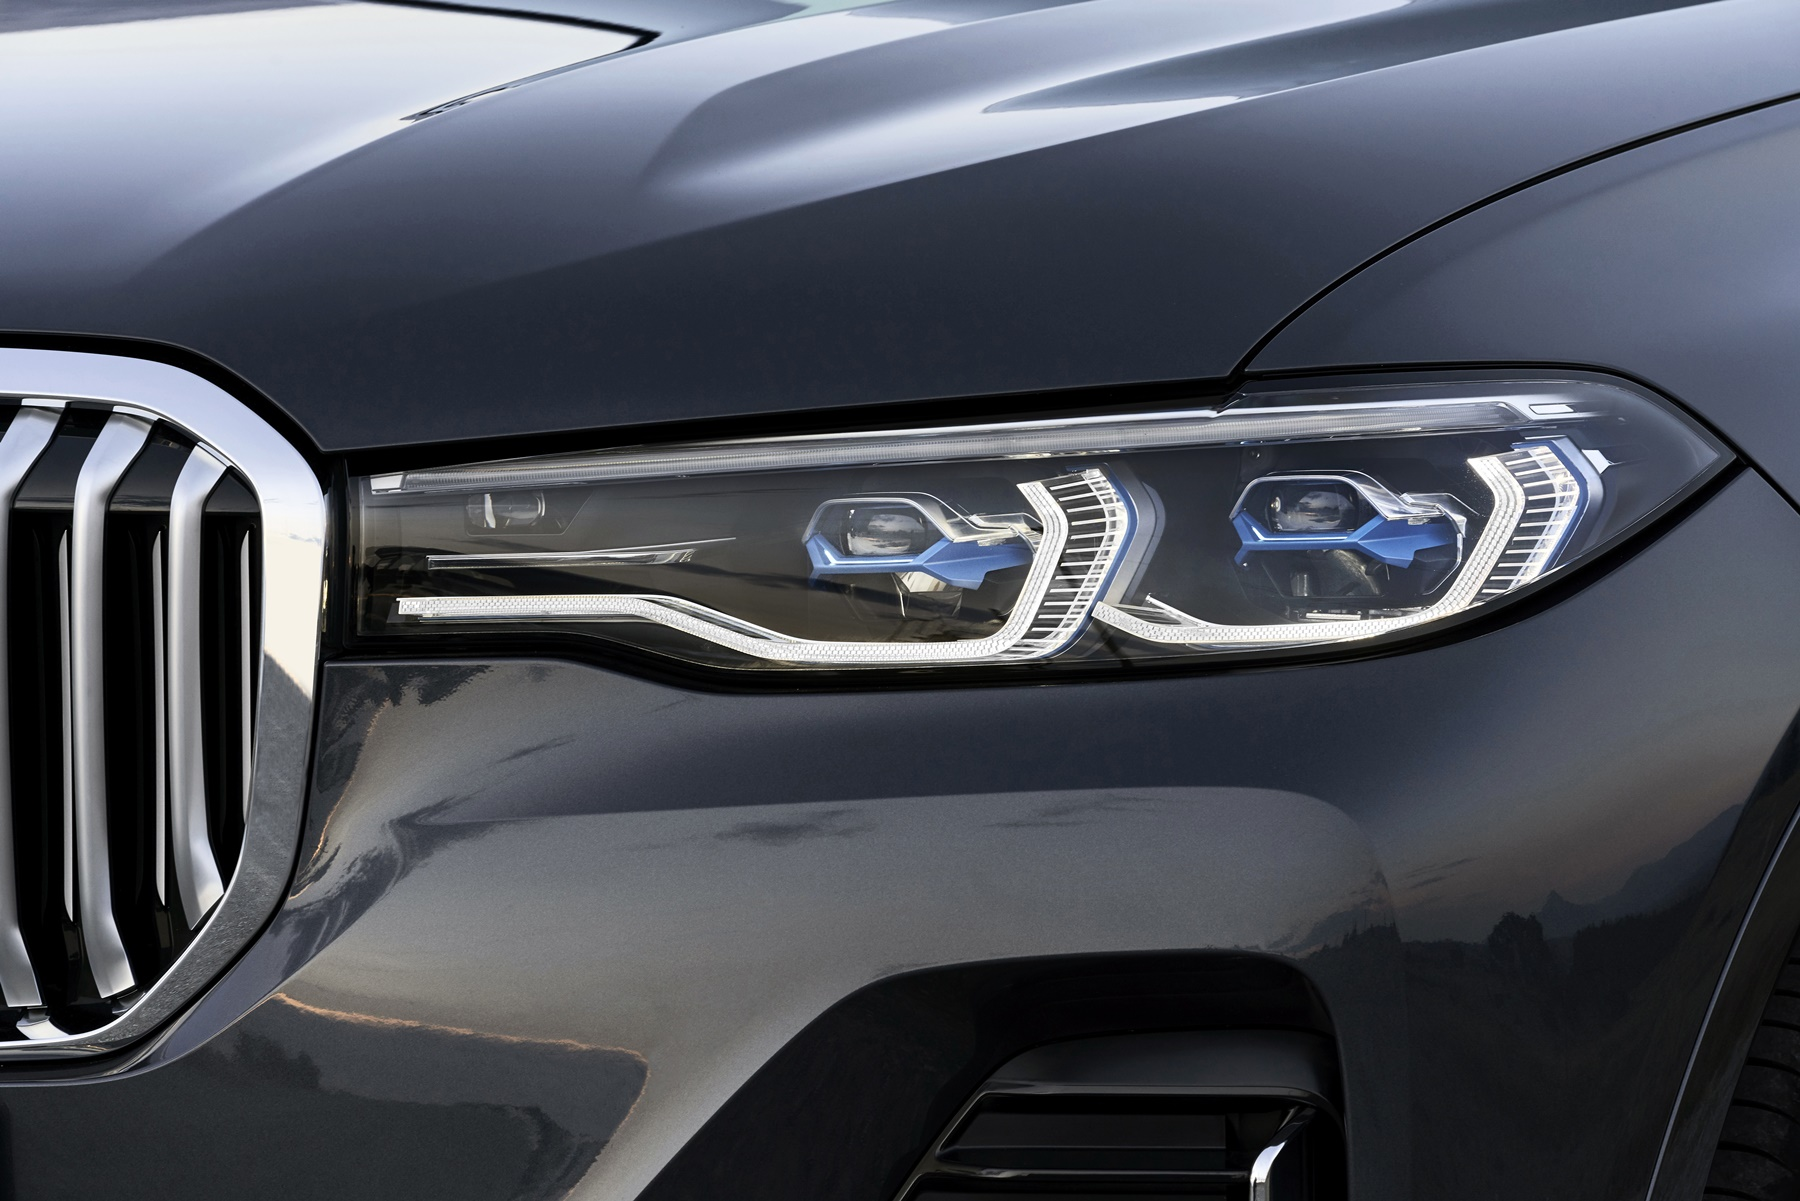 Bmw X7 Mächtige Konkurrenz Für Range Rover Und Mercedes Gls